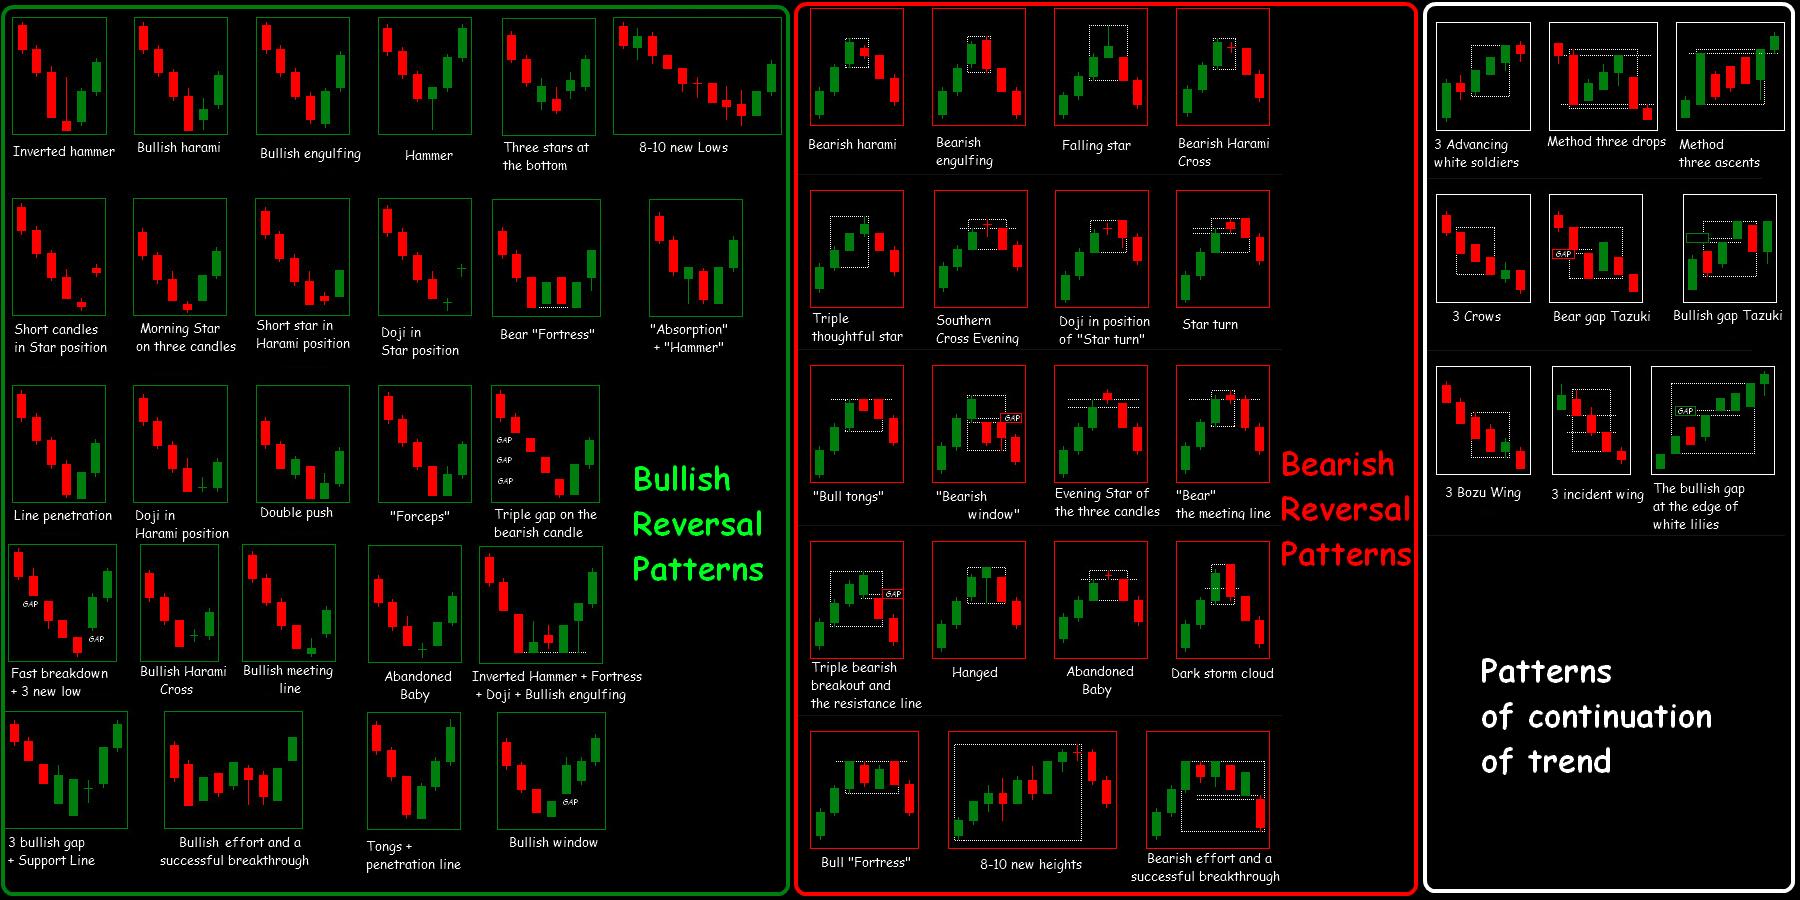 bináris opciók, hogyan lehet befektetés nélkül elindítani